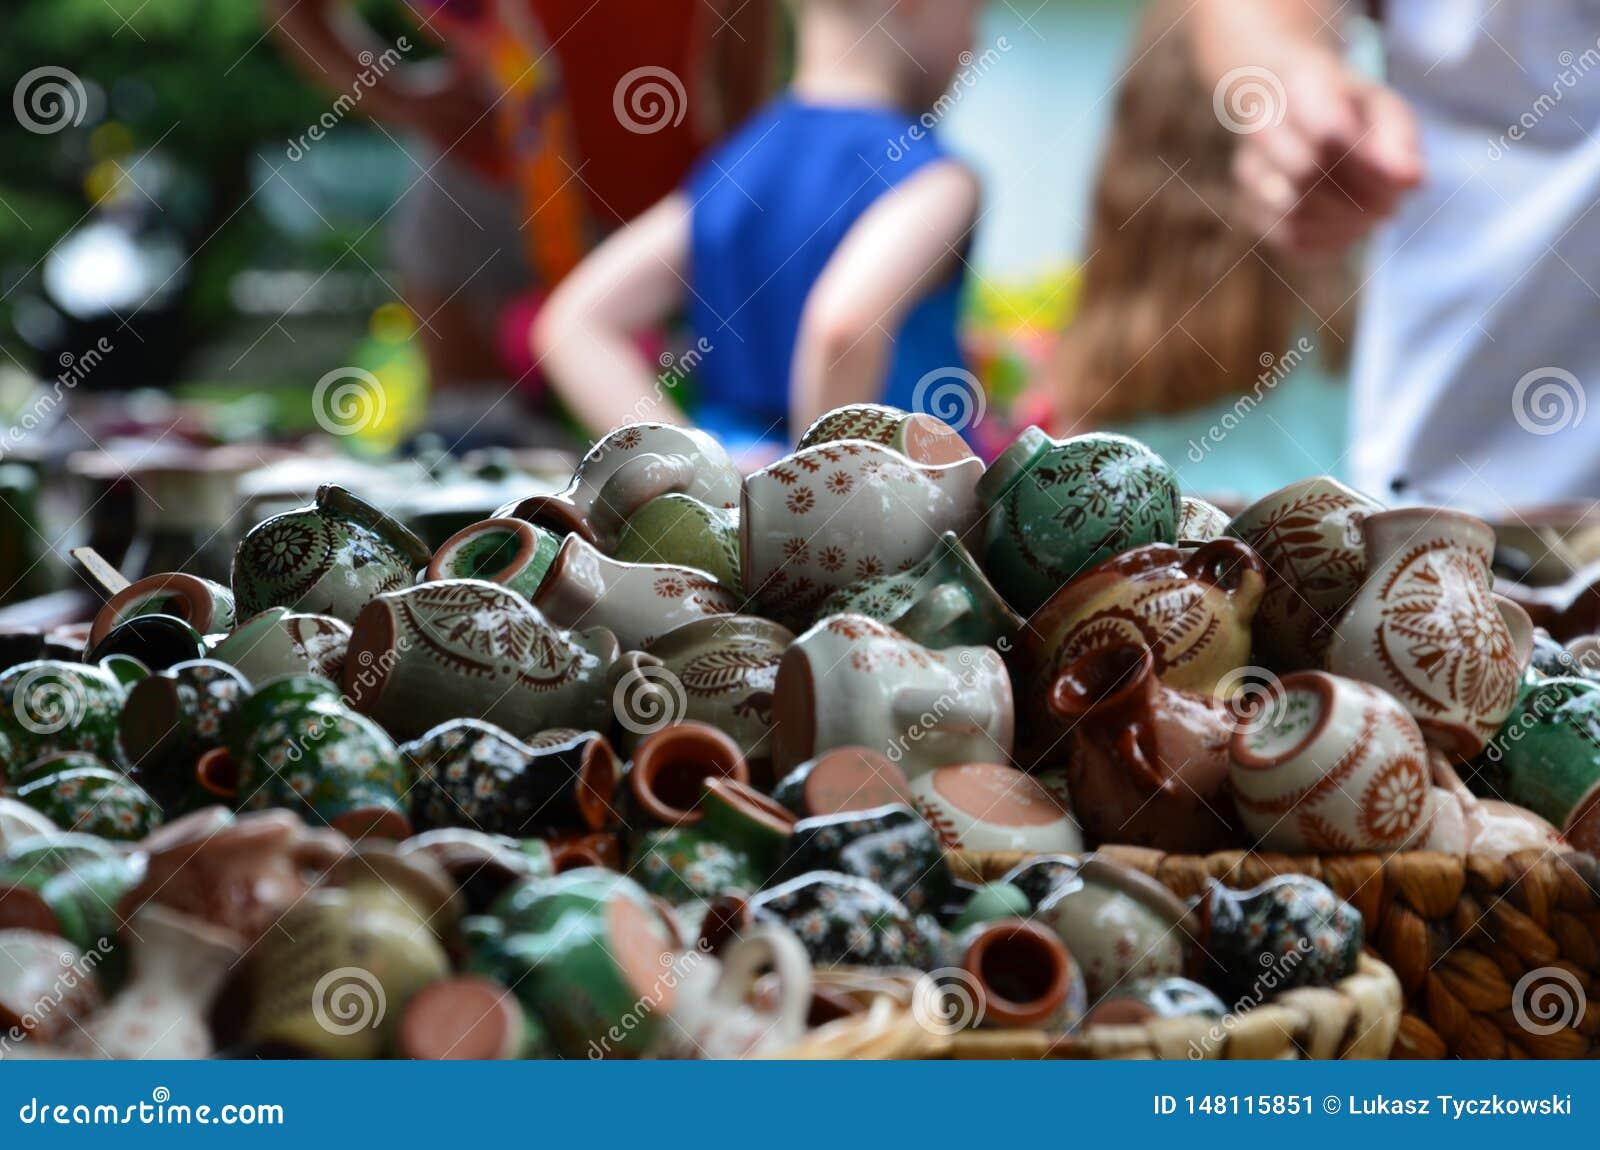 Πράγματα Handicrafted που κατασκευάζονται στην Πολωνία κατά τη διάρκεια ενός γεγονότος τέχνης στο πάρκο